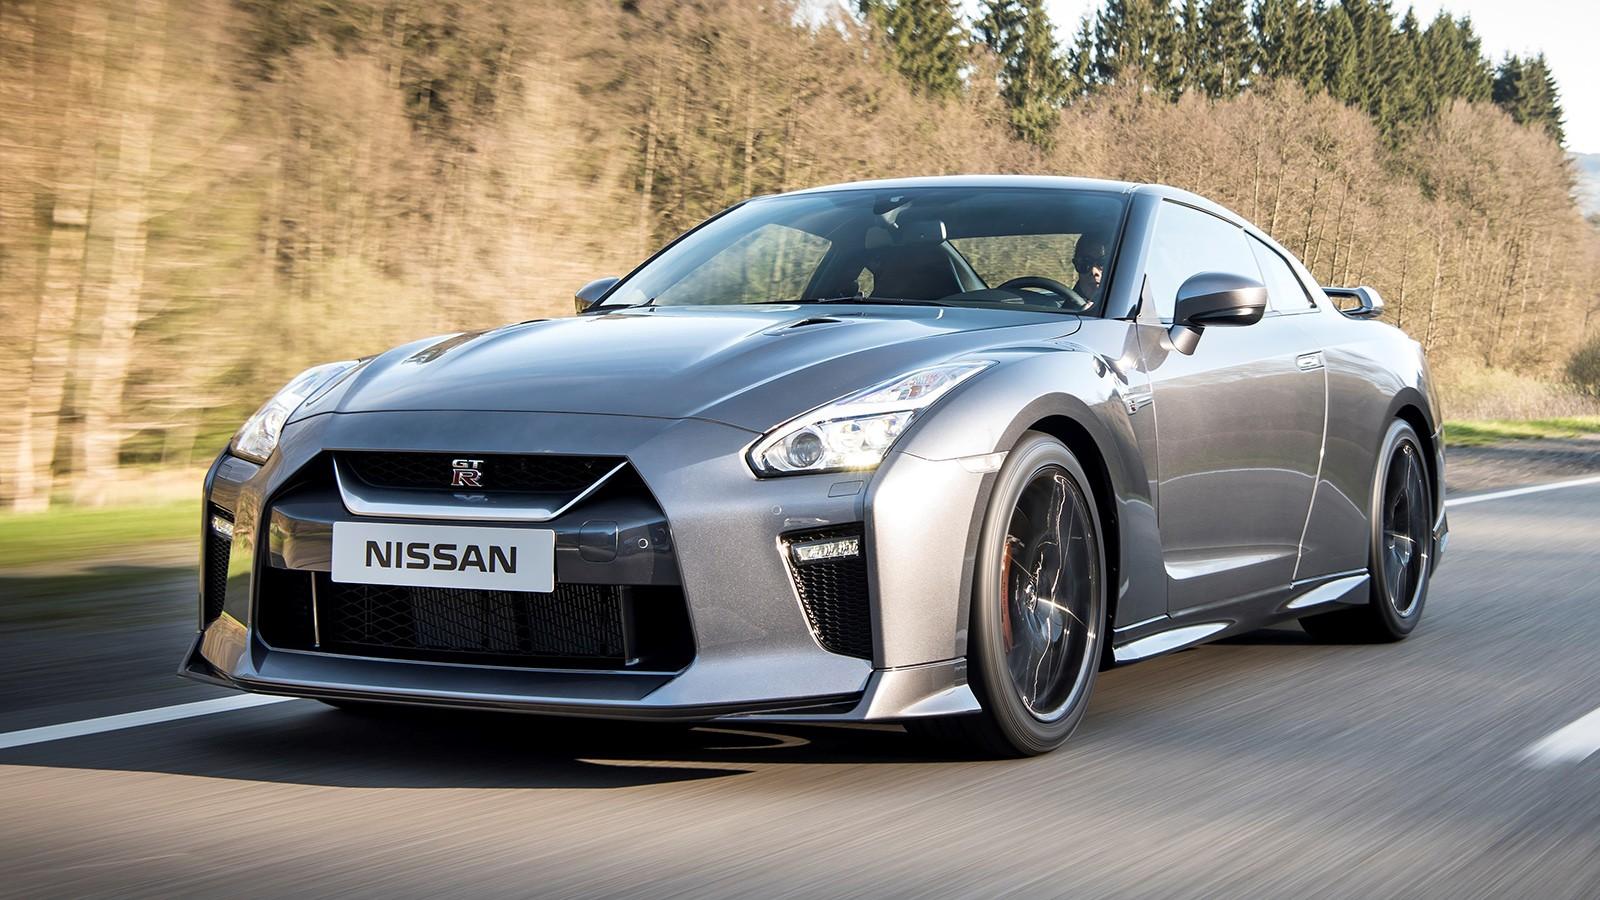 Nissan GT-R оснащён 570-сильным V6, в версии Nismo суперкар укомплектован 600-сильным мотором